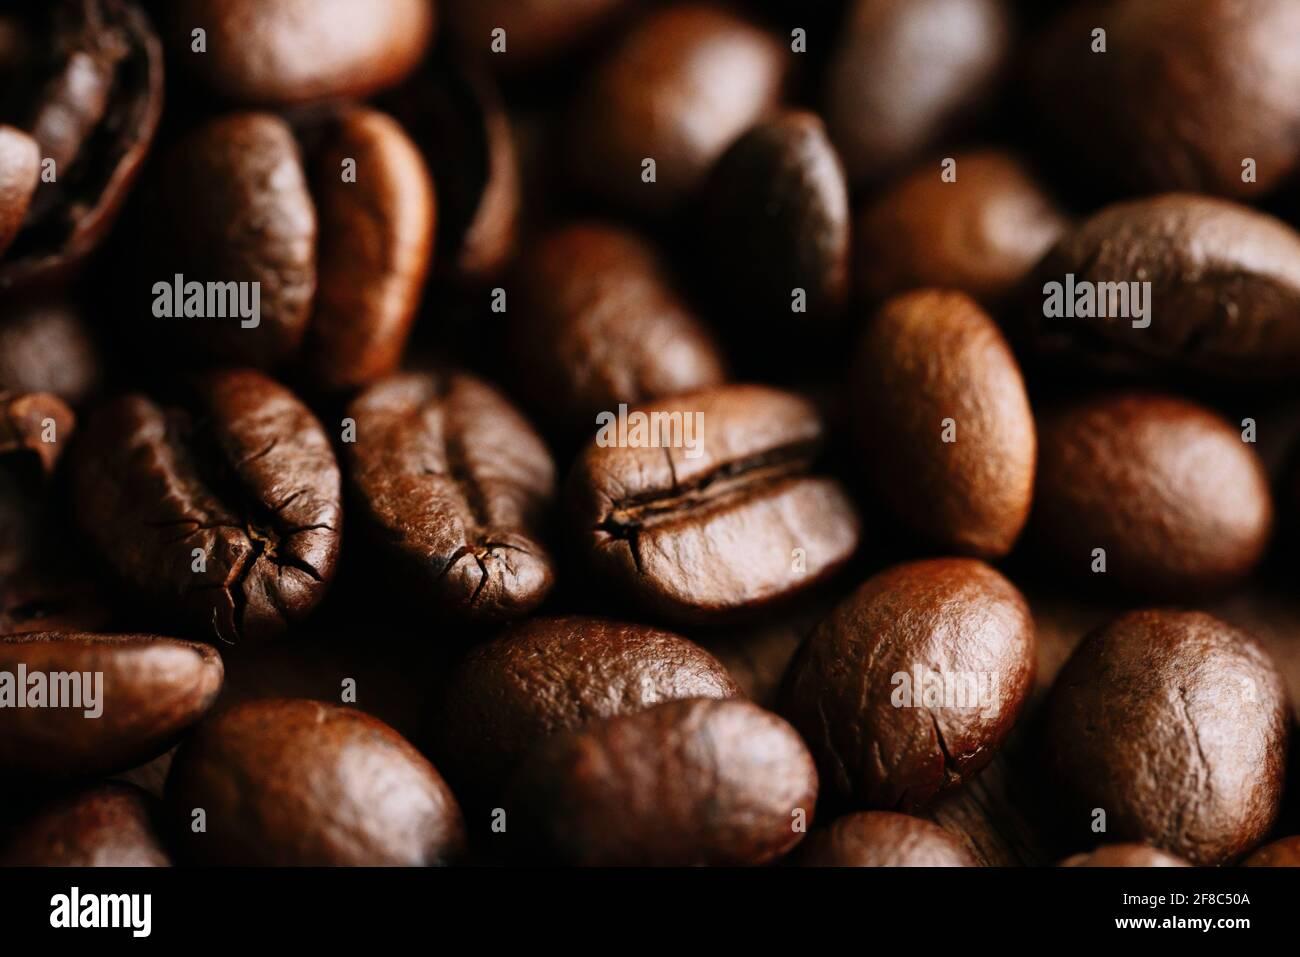 Detalle de muchos granos de café marrones Foto de stock